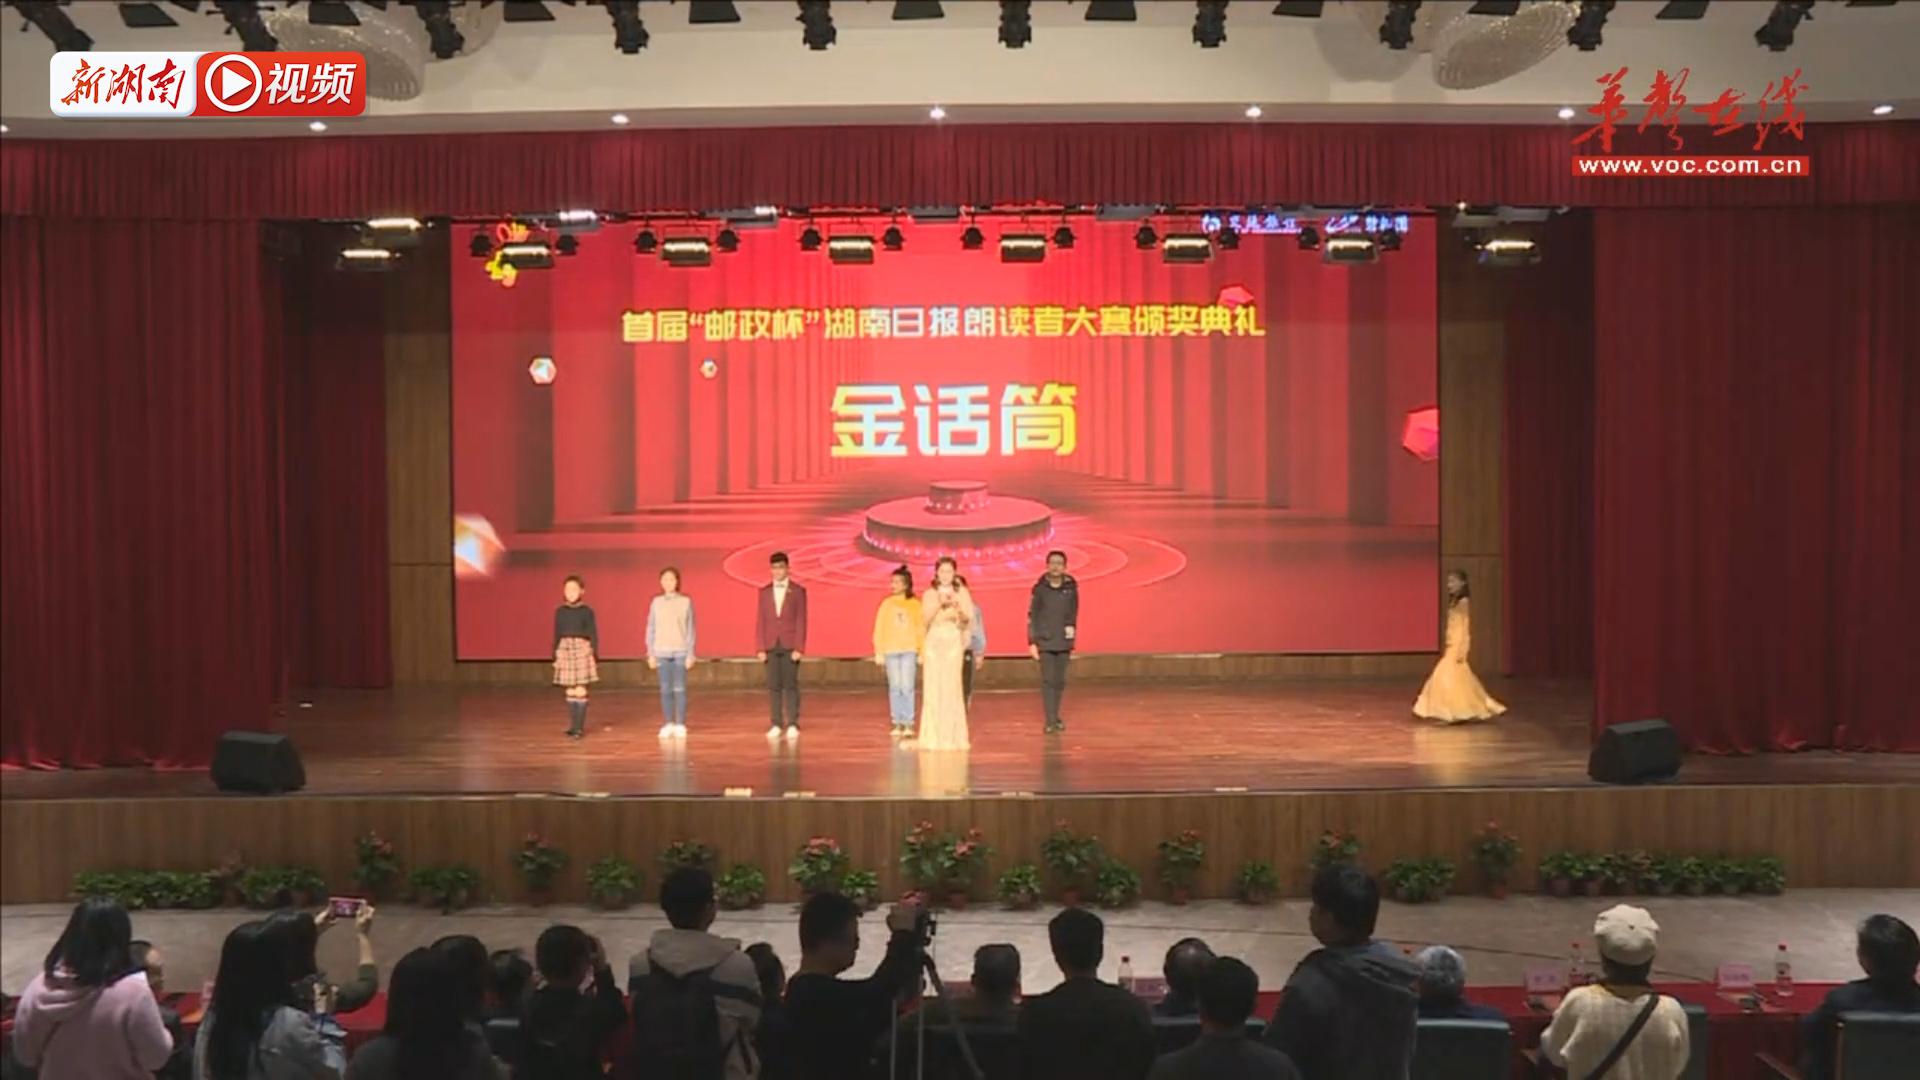 围观!谁是湖南最佳党报朗读者?